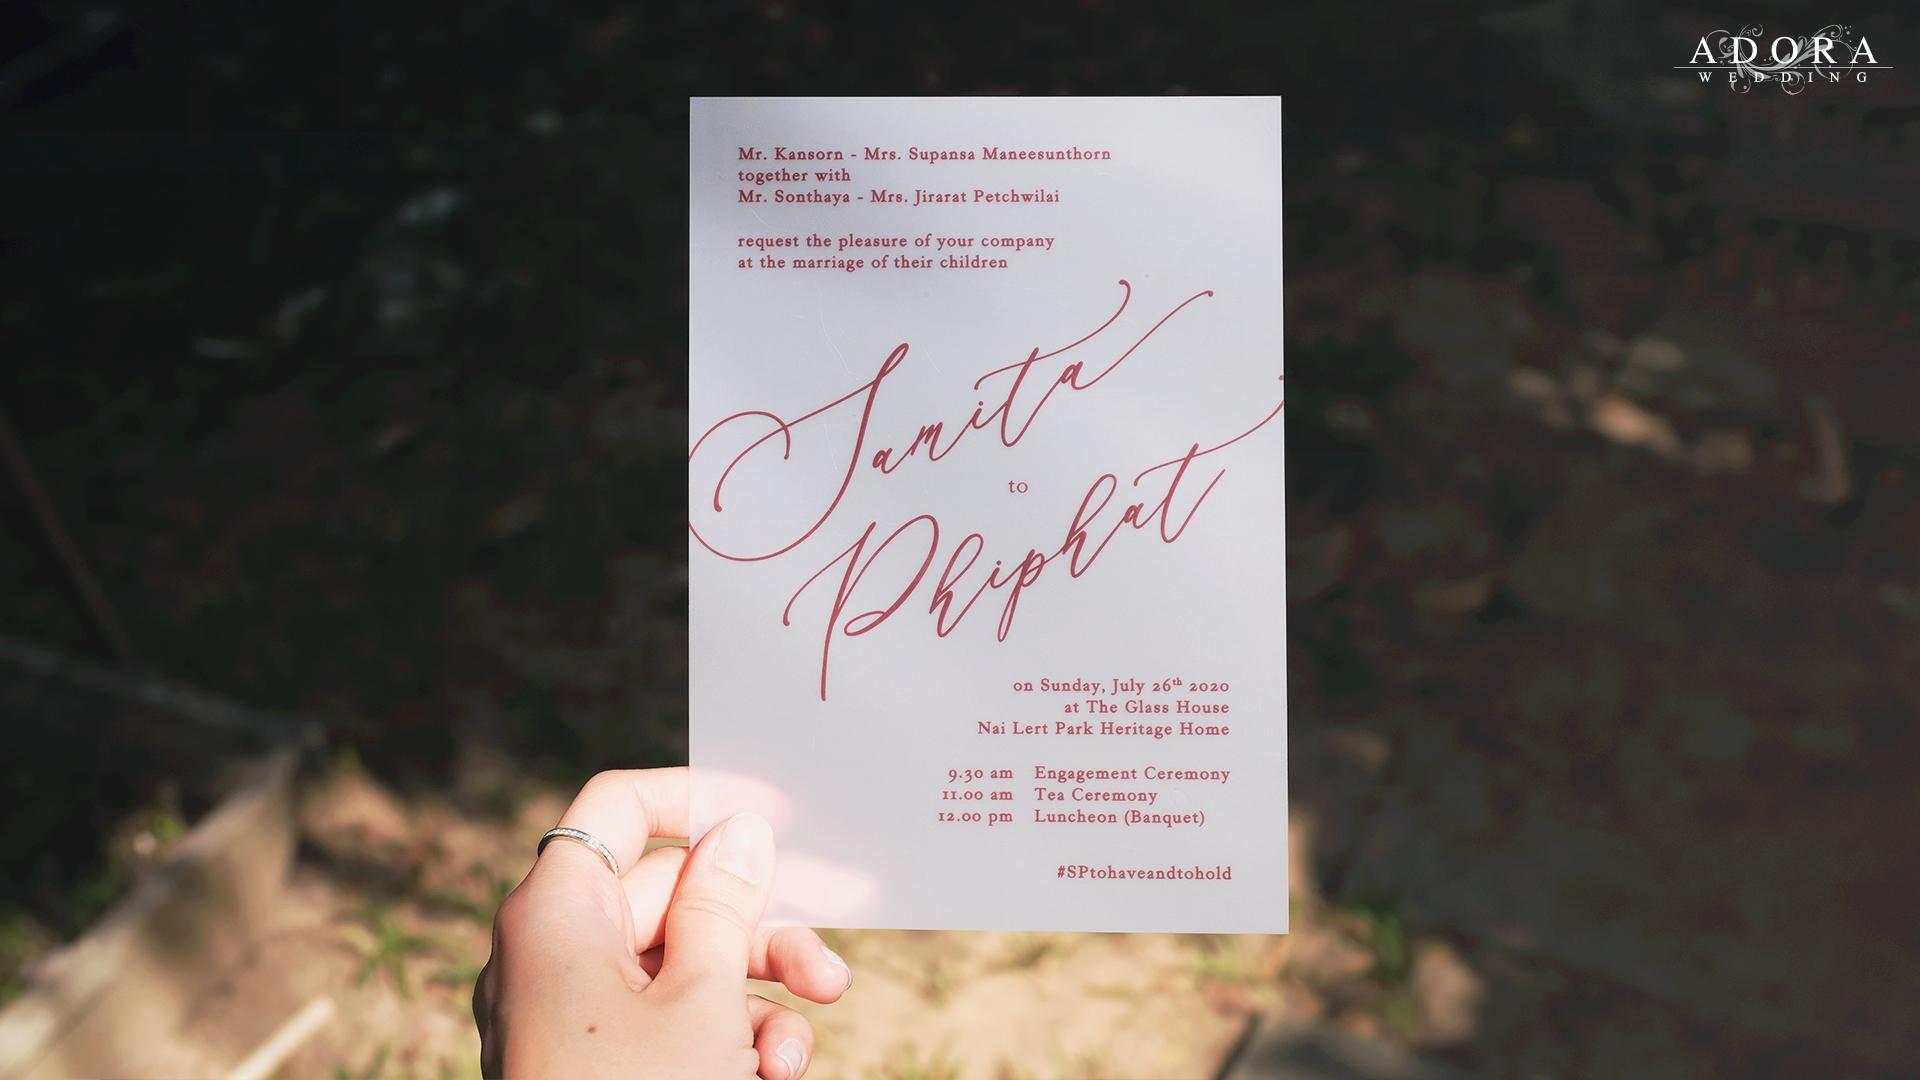 B123LM-wedding-card-2